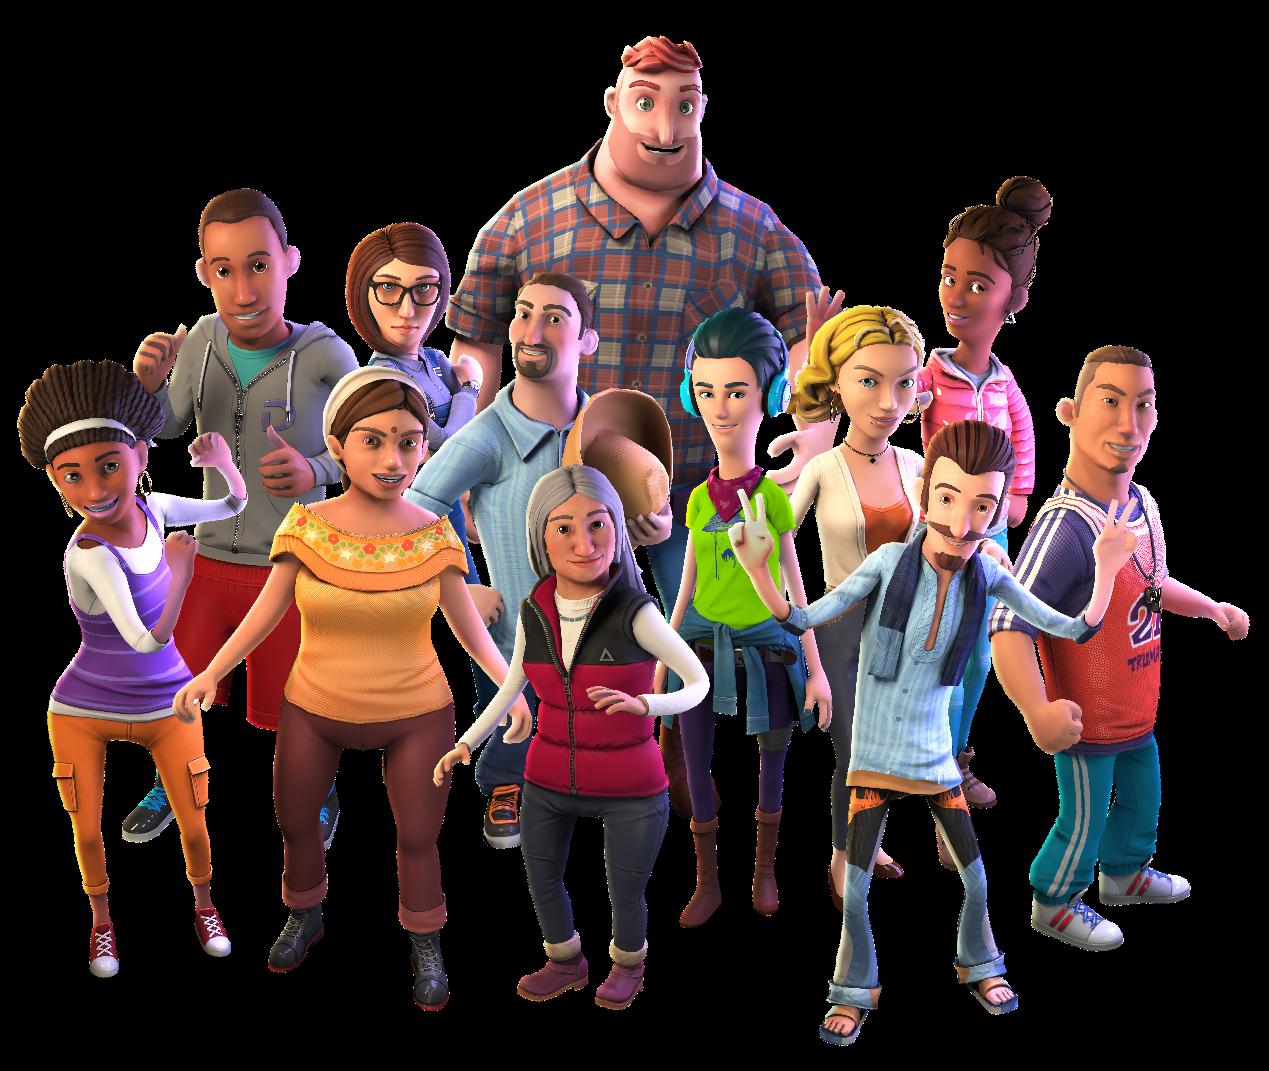 原生云游戏+大型互动真人秀《Rival Peak》将首次亮相ChinaJoy 全球云游戏产业大会